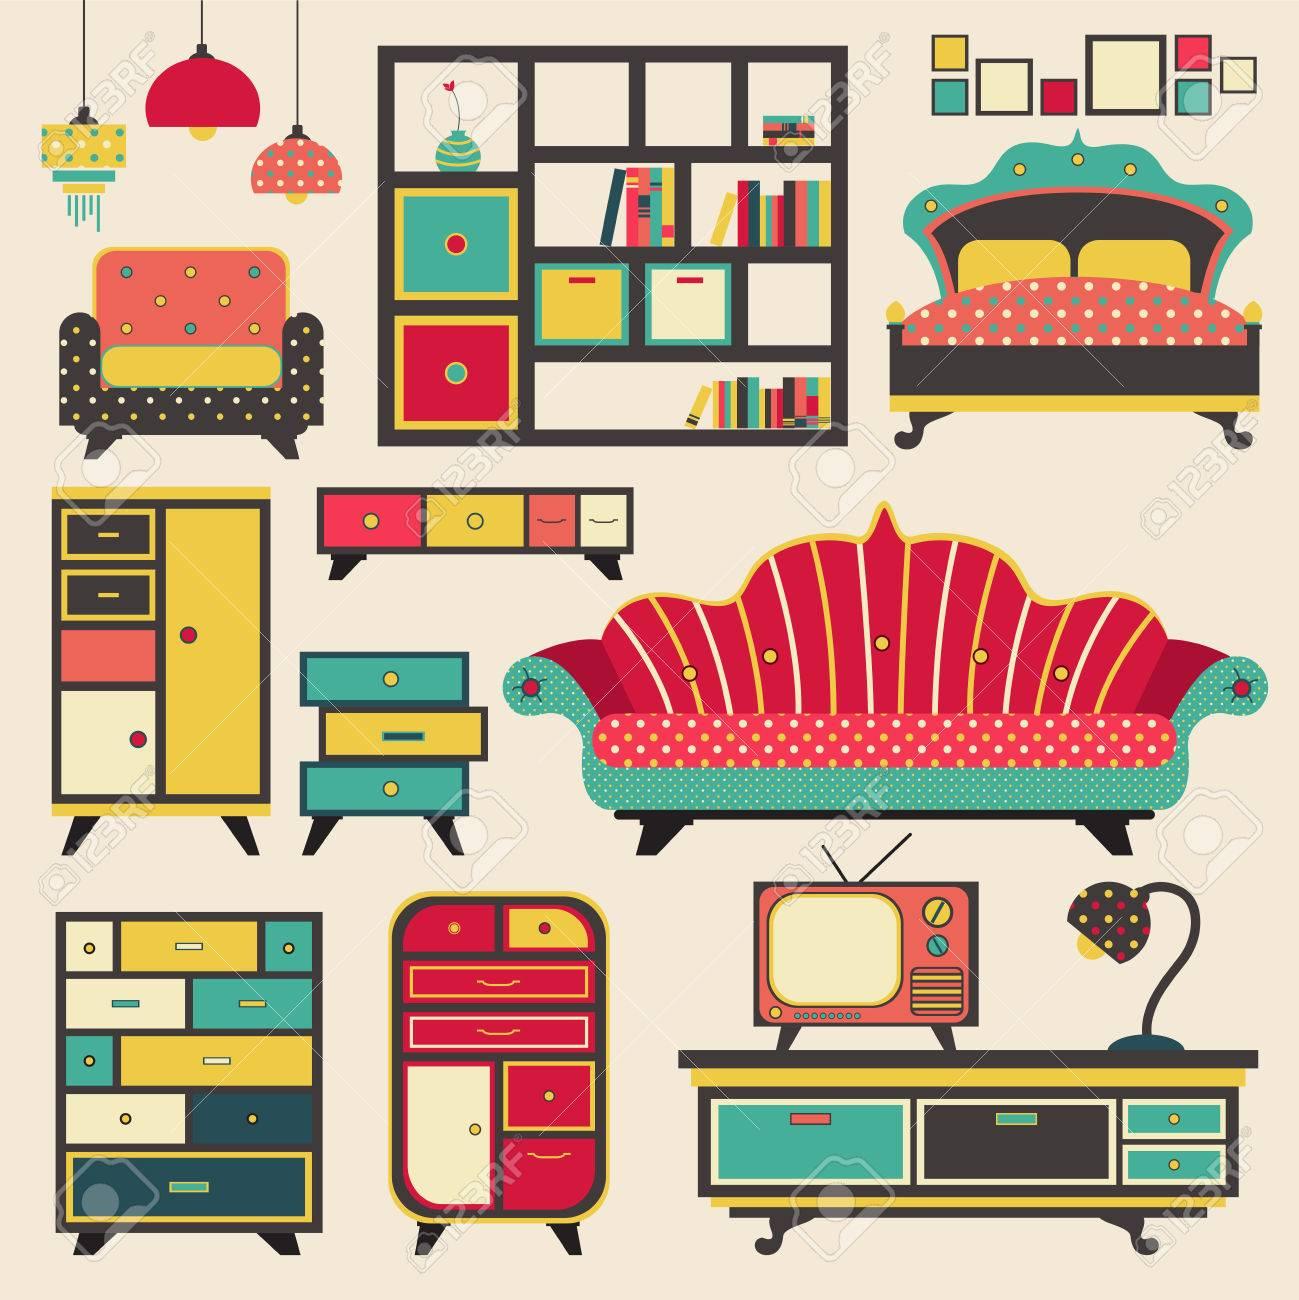 Alte Retro-Haus Gerät Möbel Und Inneneinrichtung Flach Icon Design ...